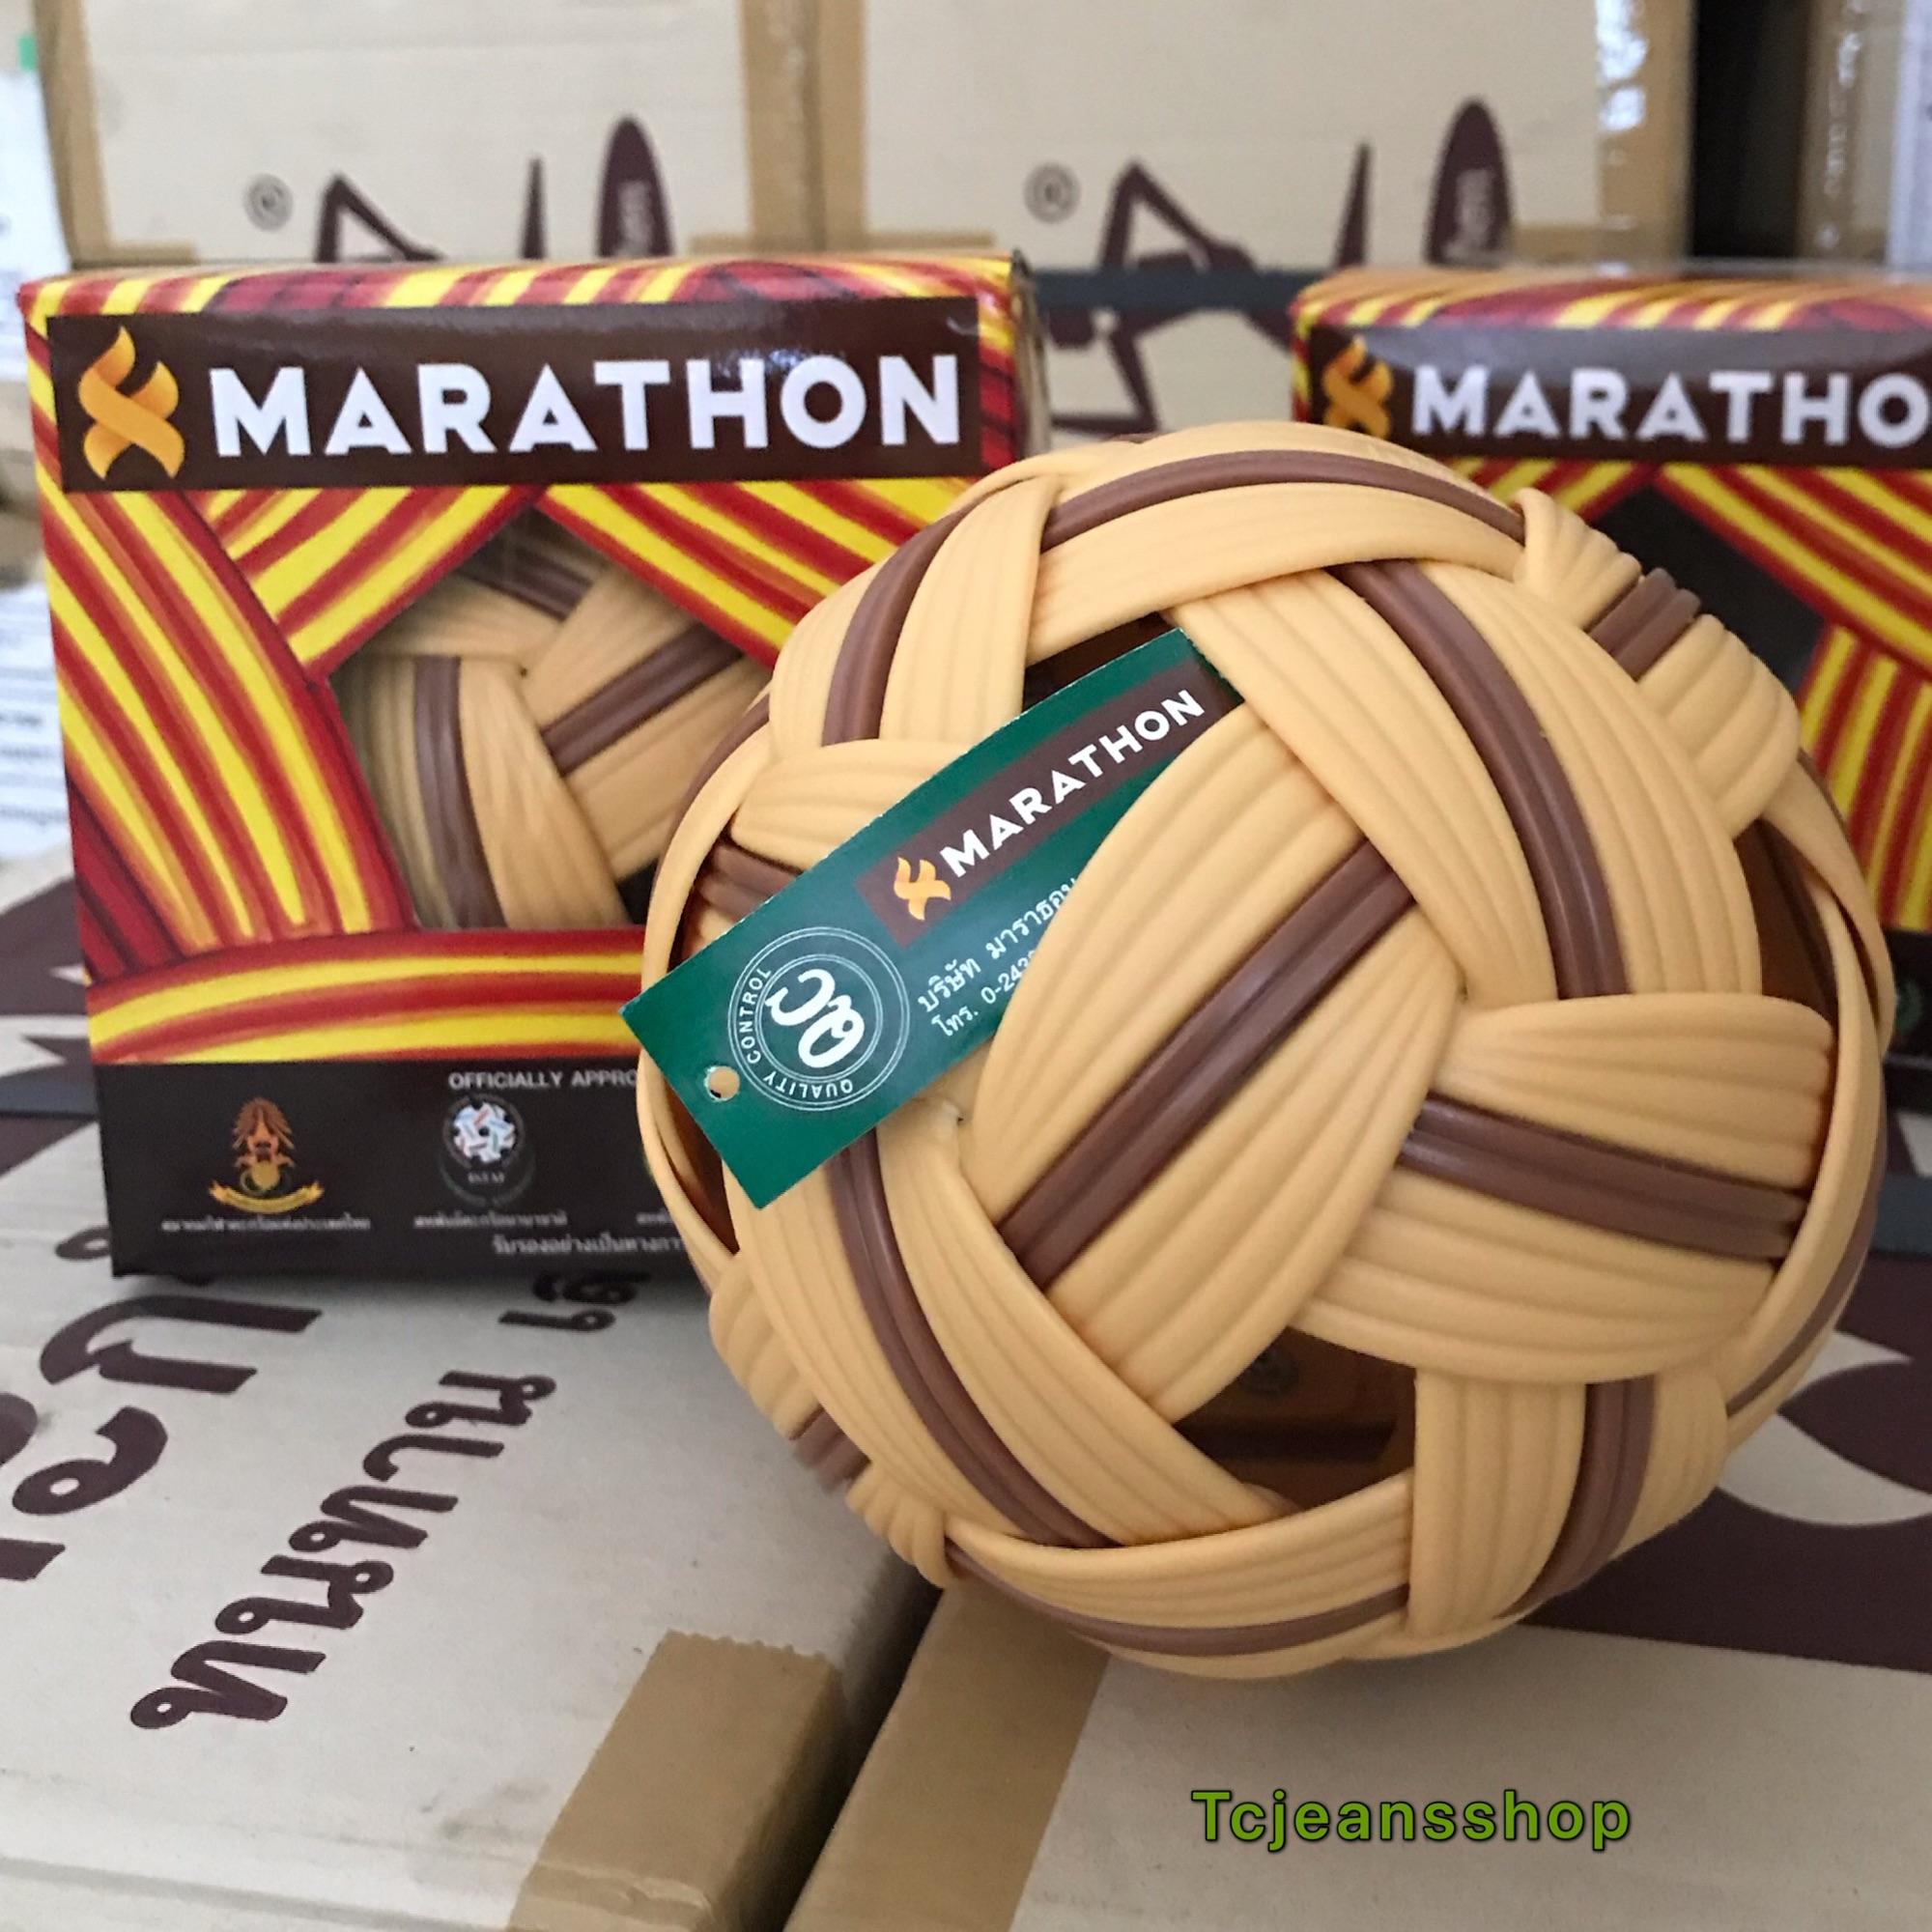 ตะกร้อ มาราธอน Mt201 ลูกตะกร้อ Marathon แท้ Mt-201 ตะกร้อมาราธอนของแท้ Mt.201 รุ่นแข่งขัน เซปักตะกร้อ Sepak Takraw ลูกตะกร้อมาราทอน 201.